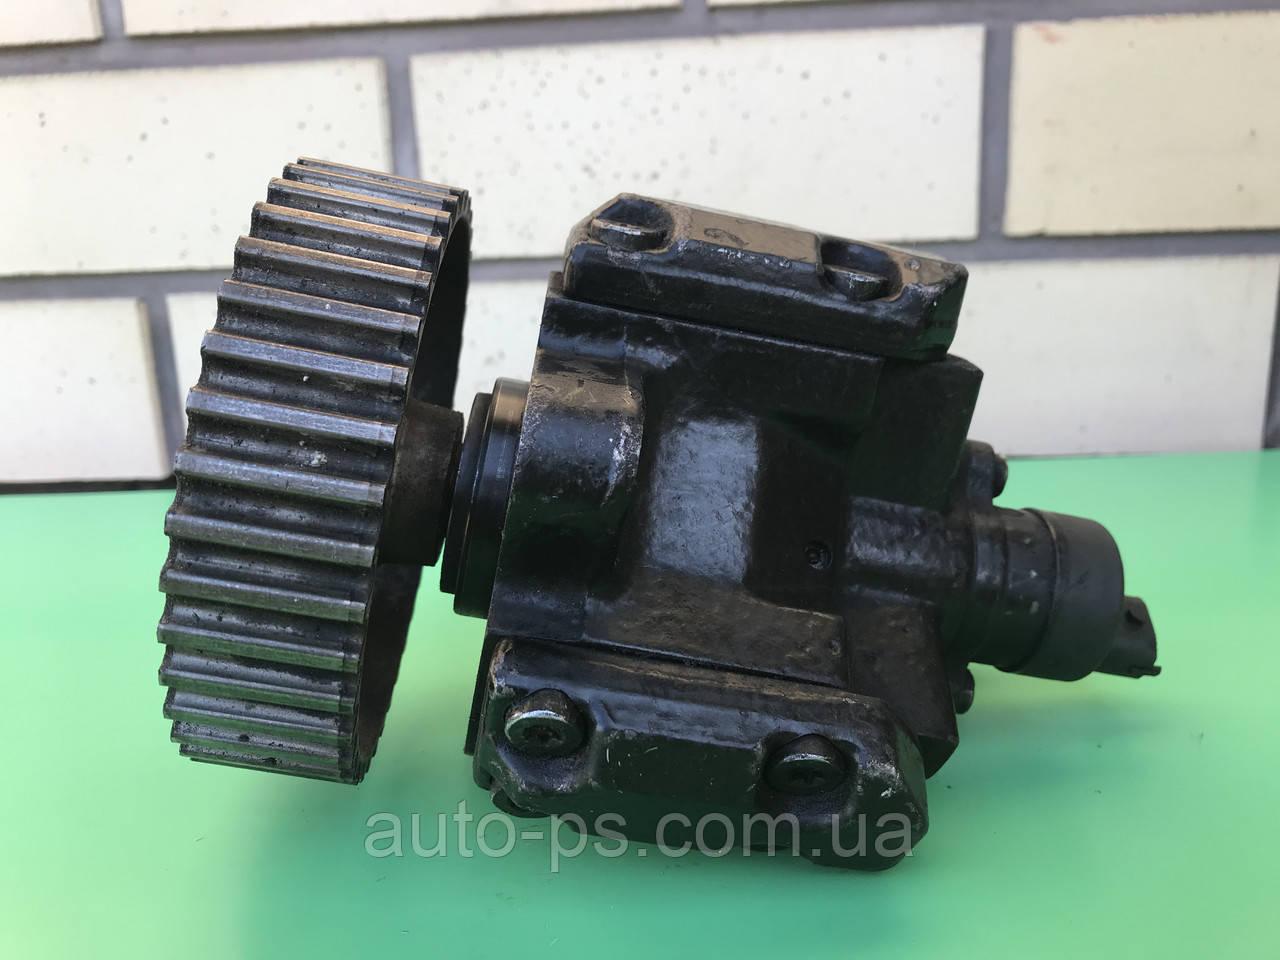 Топливный насос высокого давления (ТНВД) Fiat Bravo I 1.9JTD 1998-2001 год.